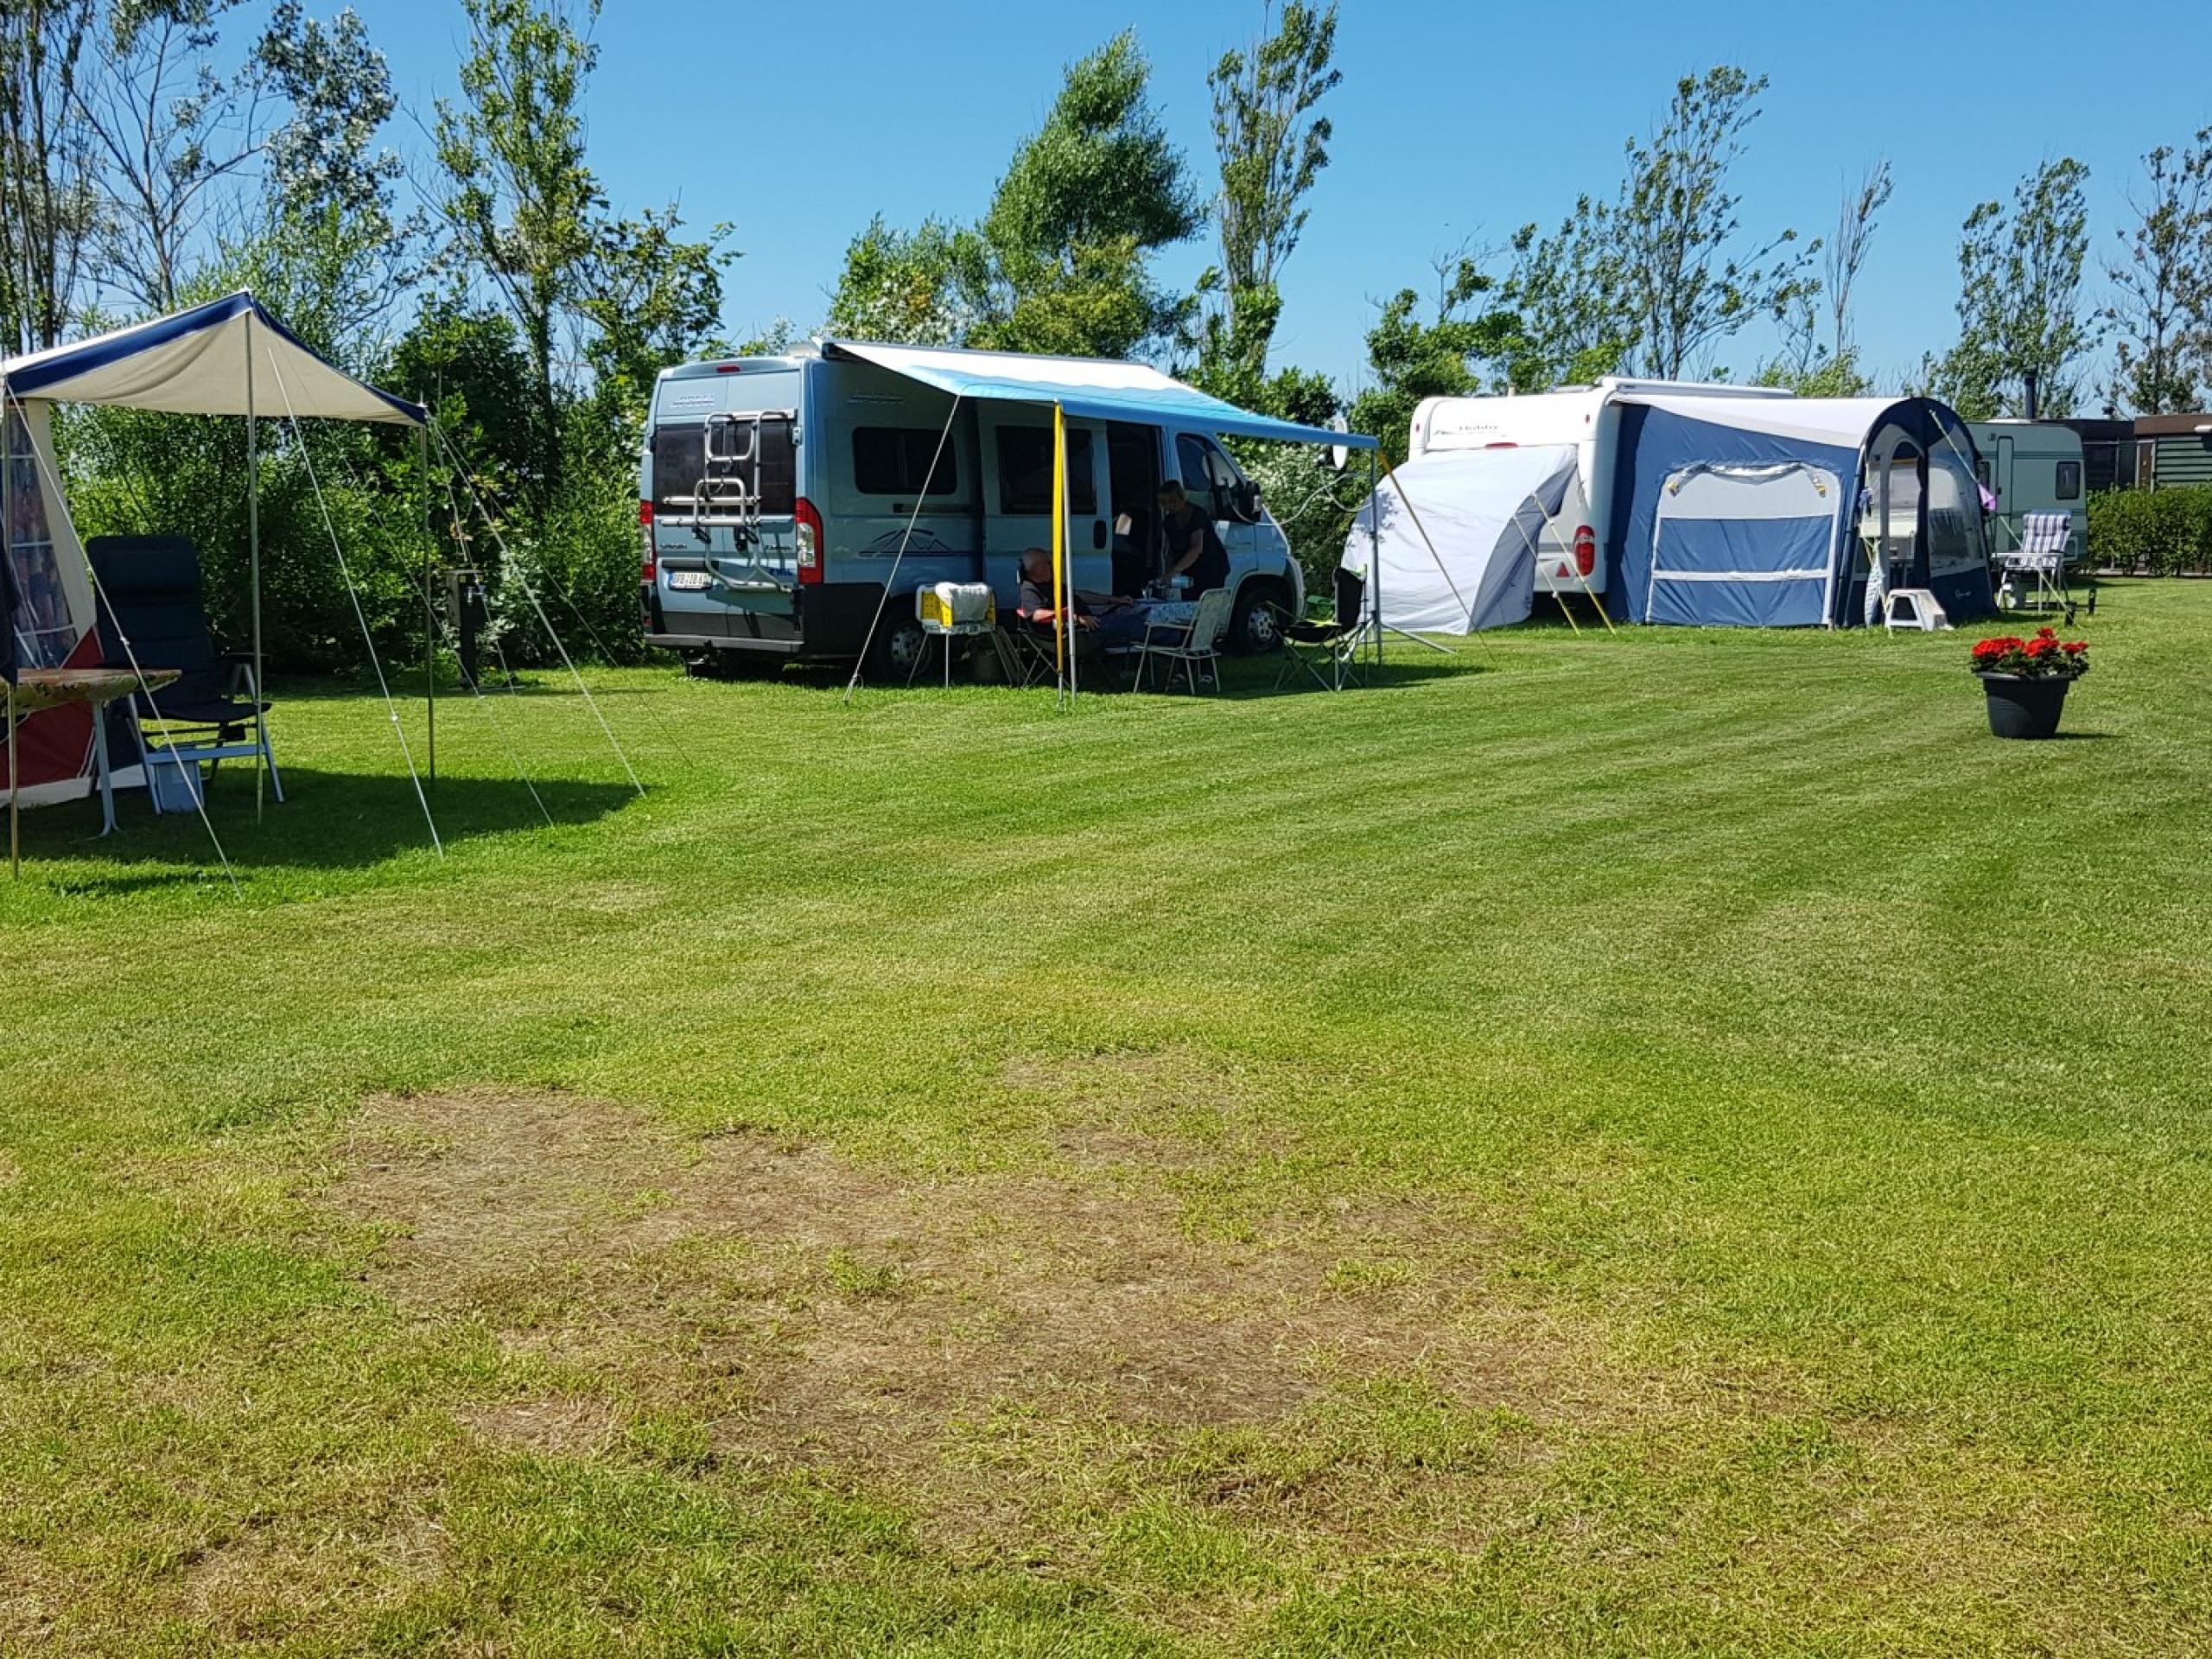 Kleiner und freundlicher Campingplatz mit privaten Sanitäranlagen